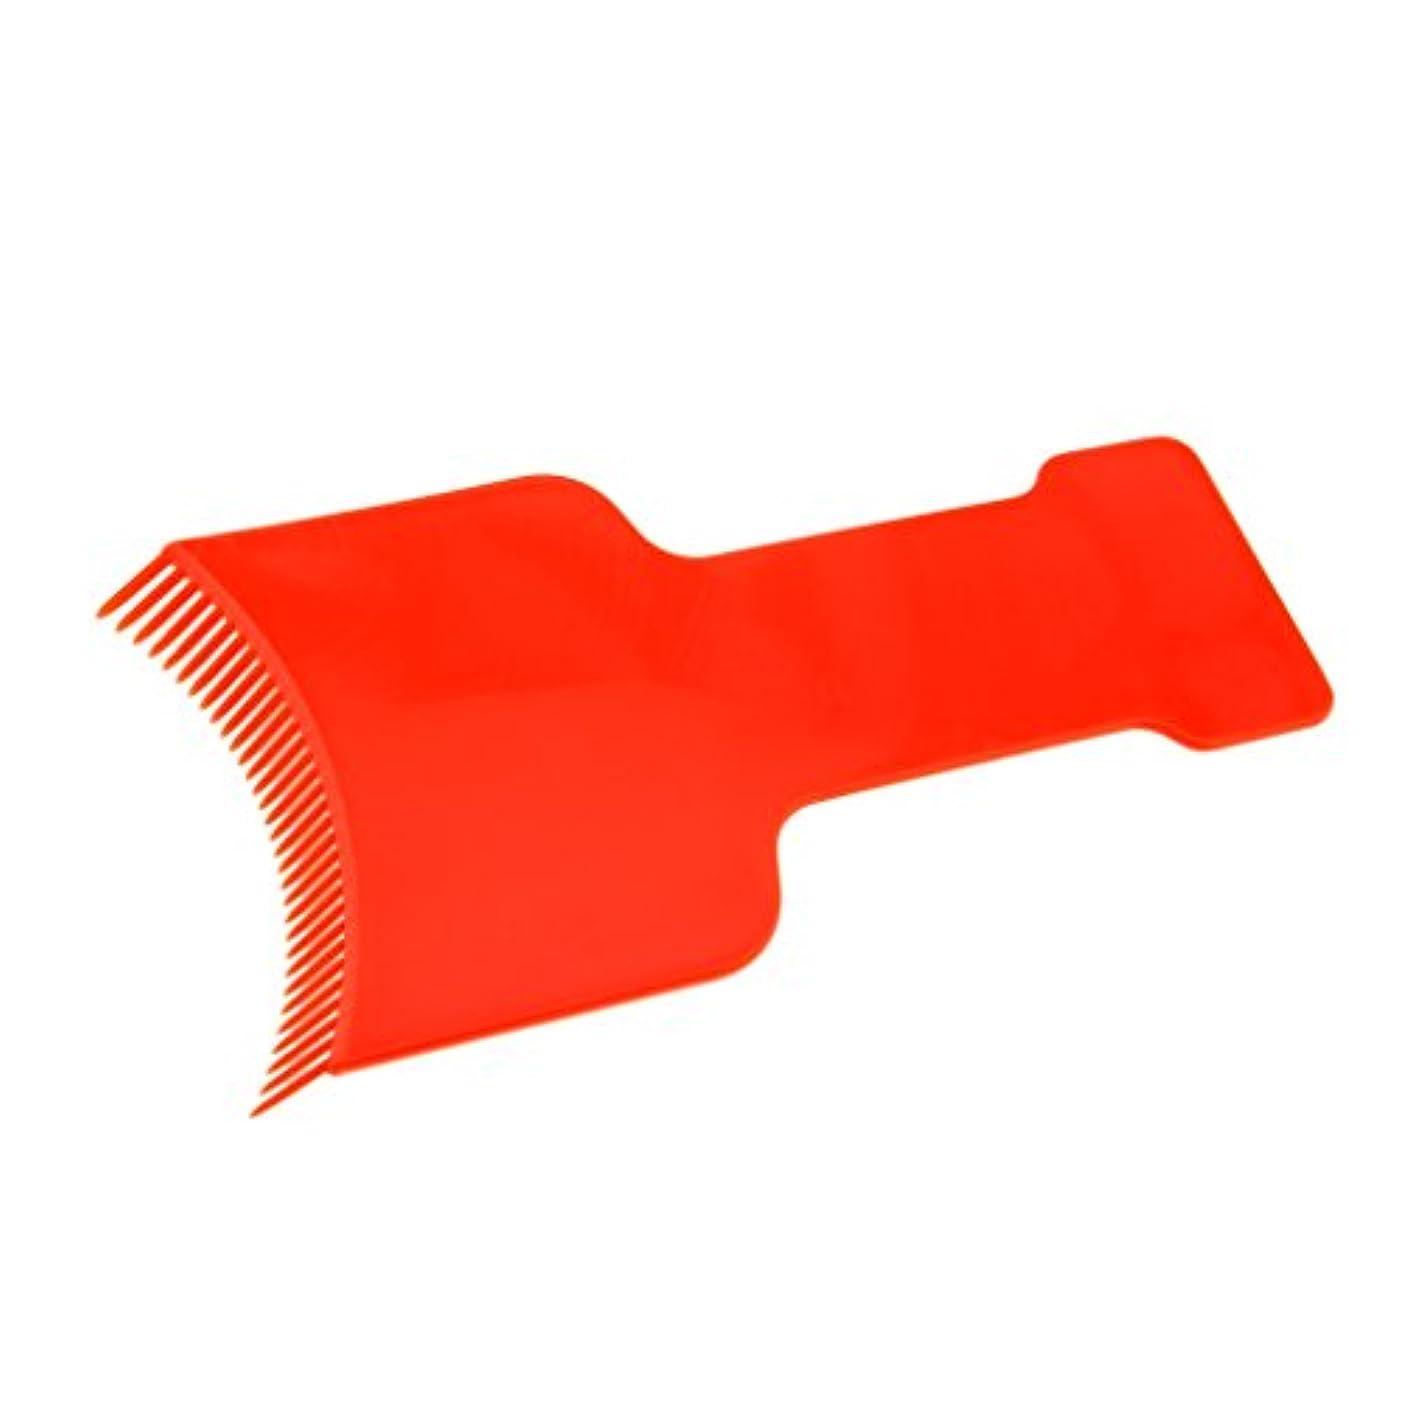 ランドマークナイトスポットセンチメートルPerfeclan ヘアダイコーム ヘアダイブラシ 染色ボード 理髪店 美容院 アクセサリー 便利